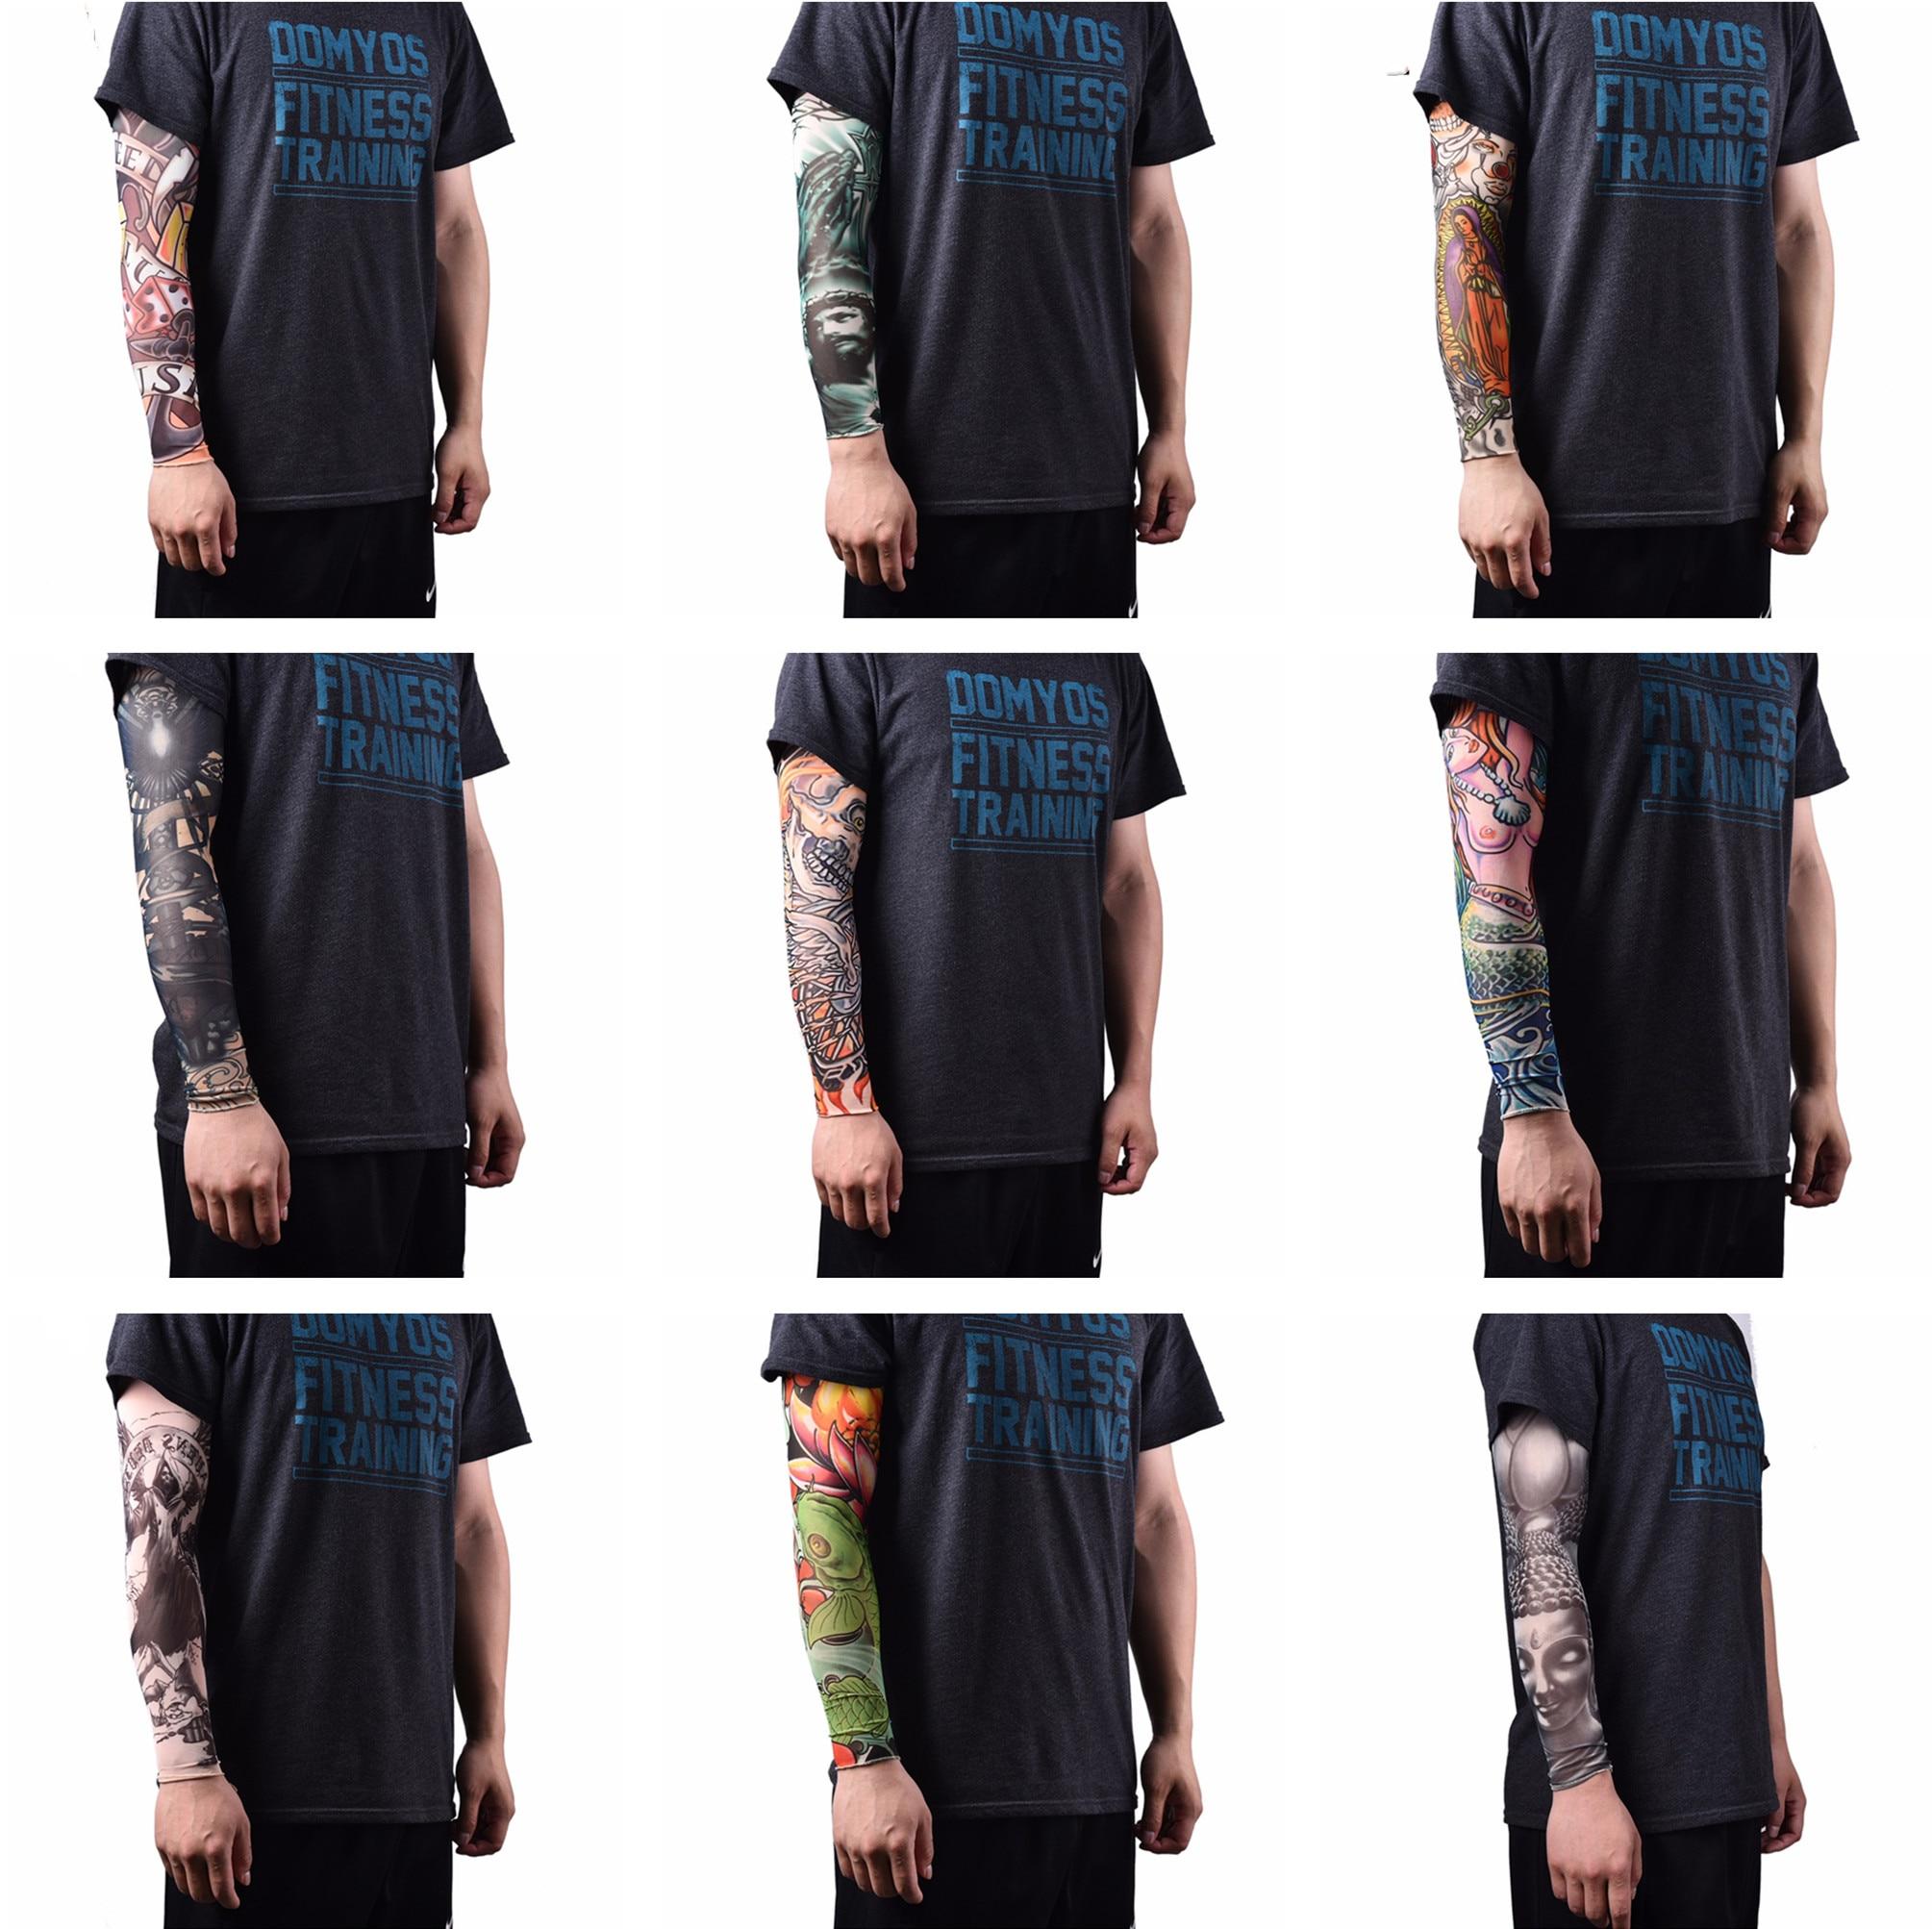 1 Pc Haut Proteive Nylon Stretchy Fake Tattoo Sleeves Arm Strümpfe Design Körper Kühlen Männer Unisex Mode Arm Wärmer Produkte Werden Ohne EinschräNkungen Verkauft